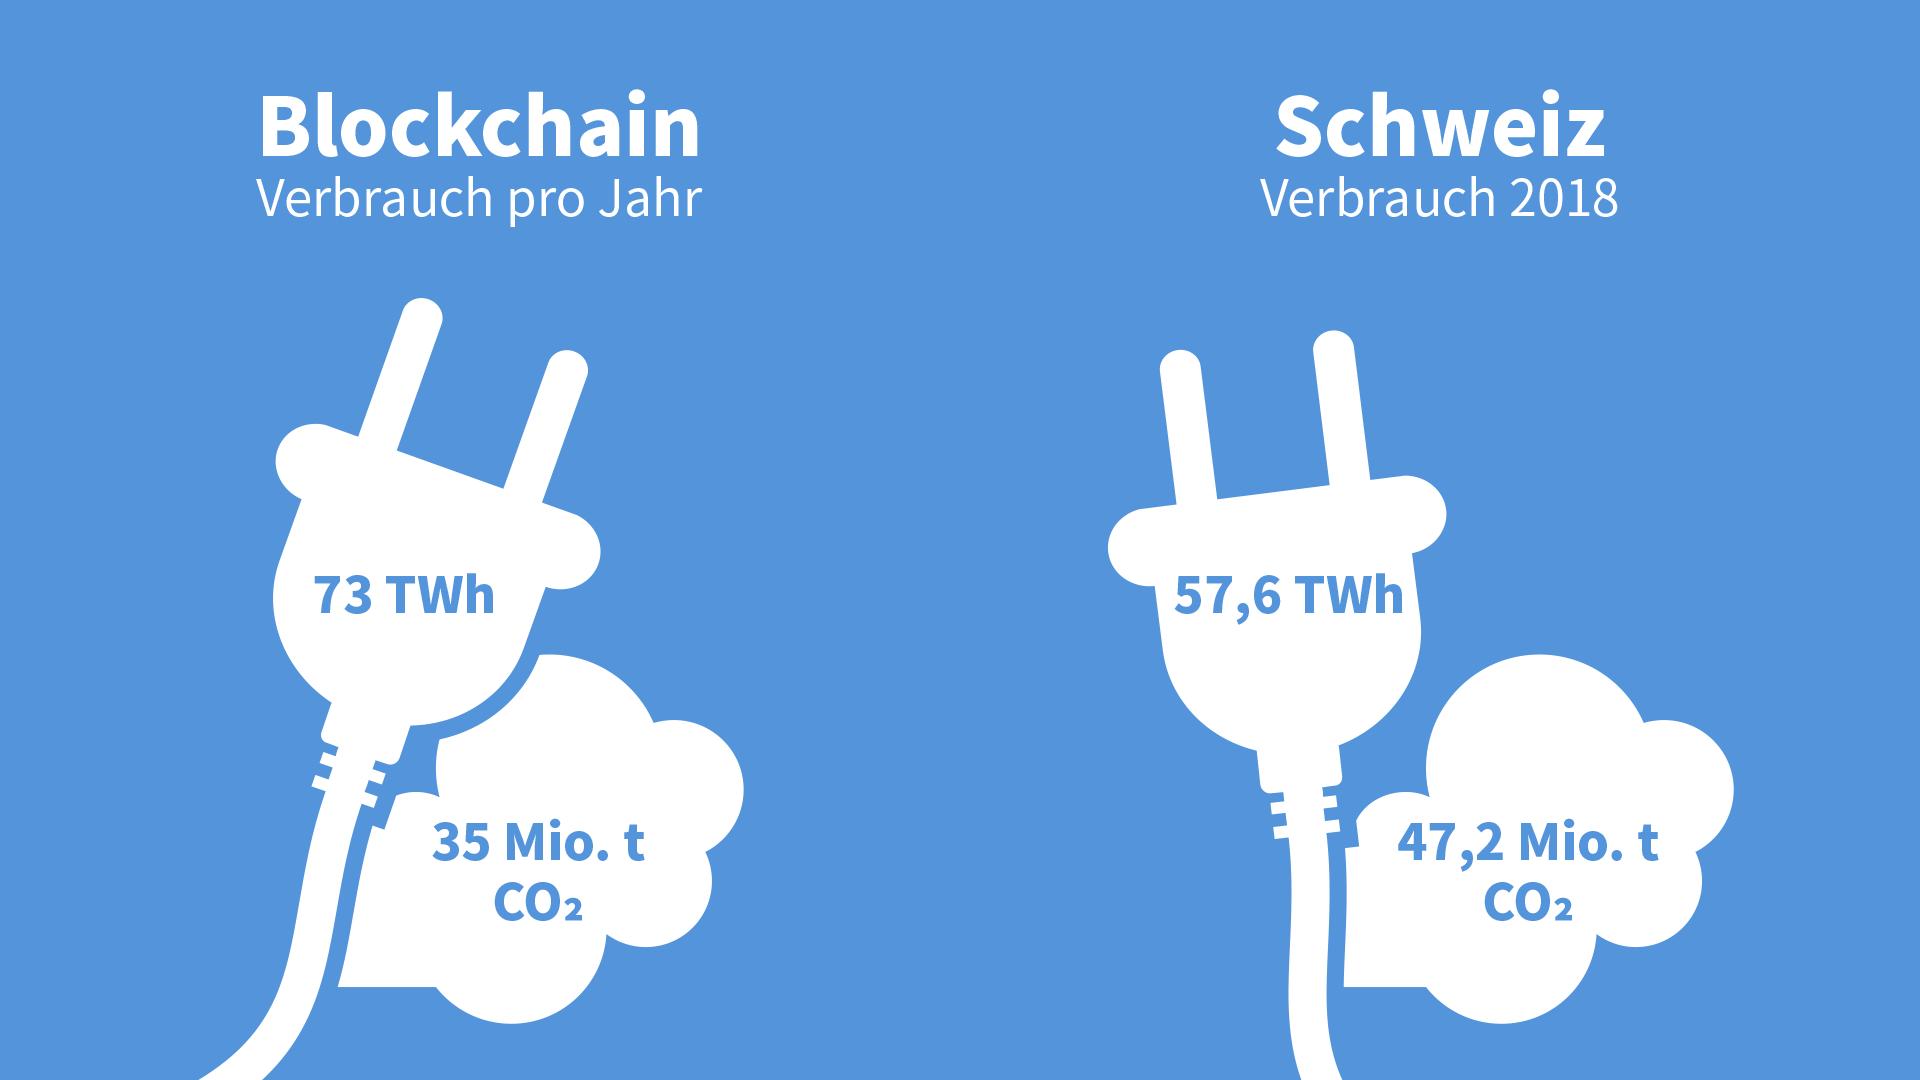 Info: Verbrauch Blockchain 35 Mio. t CO2, Verbrauch Schweiz 47,2 Mio. t CO2